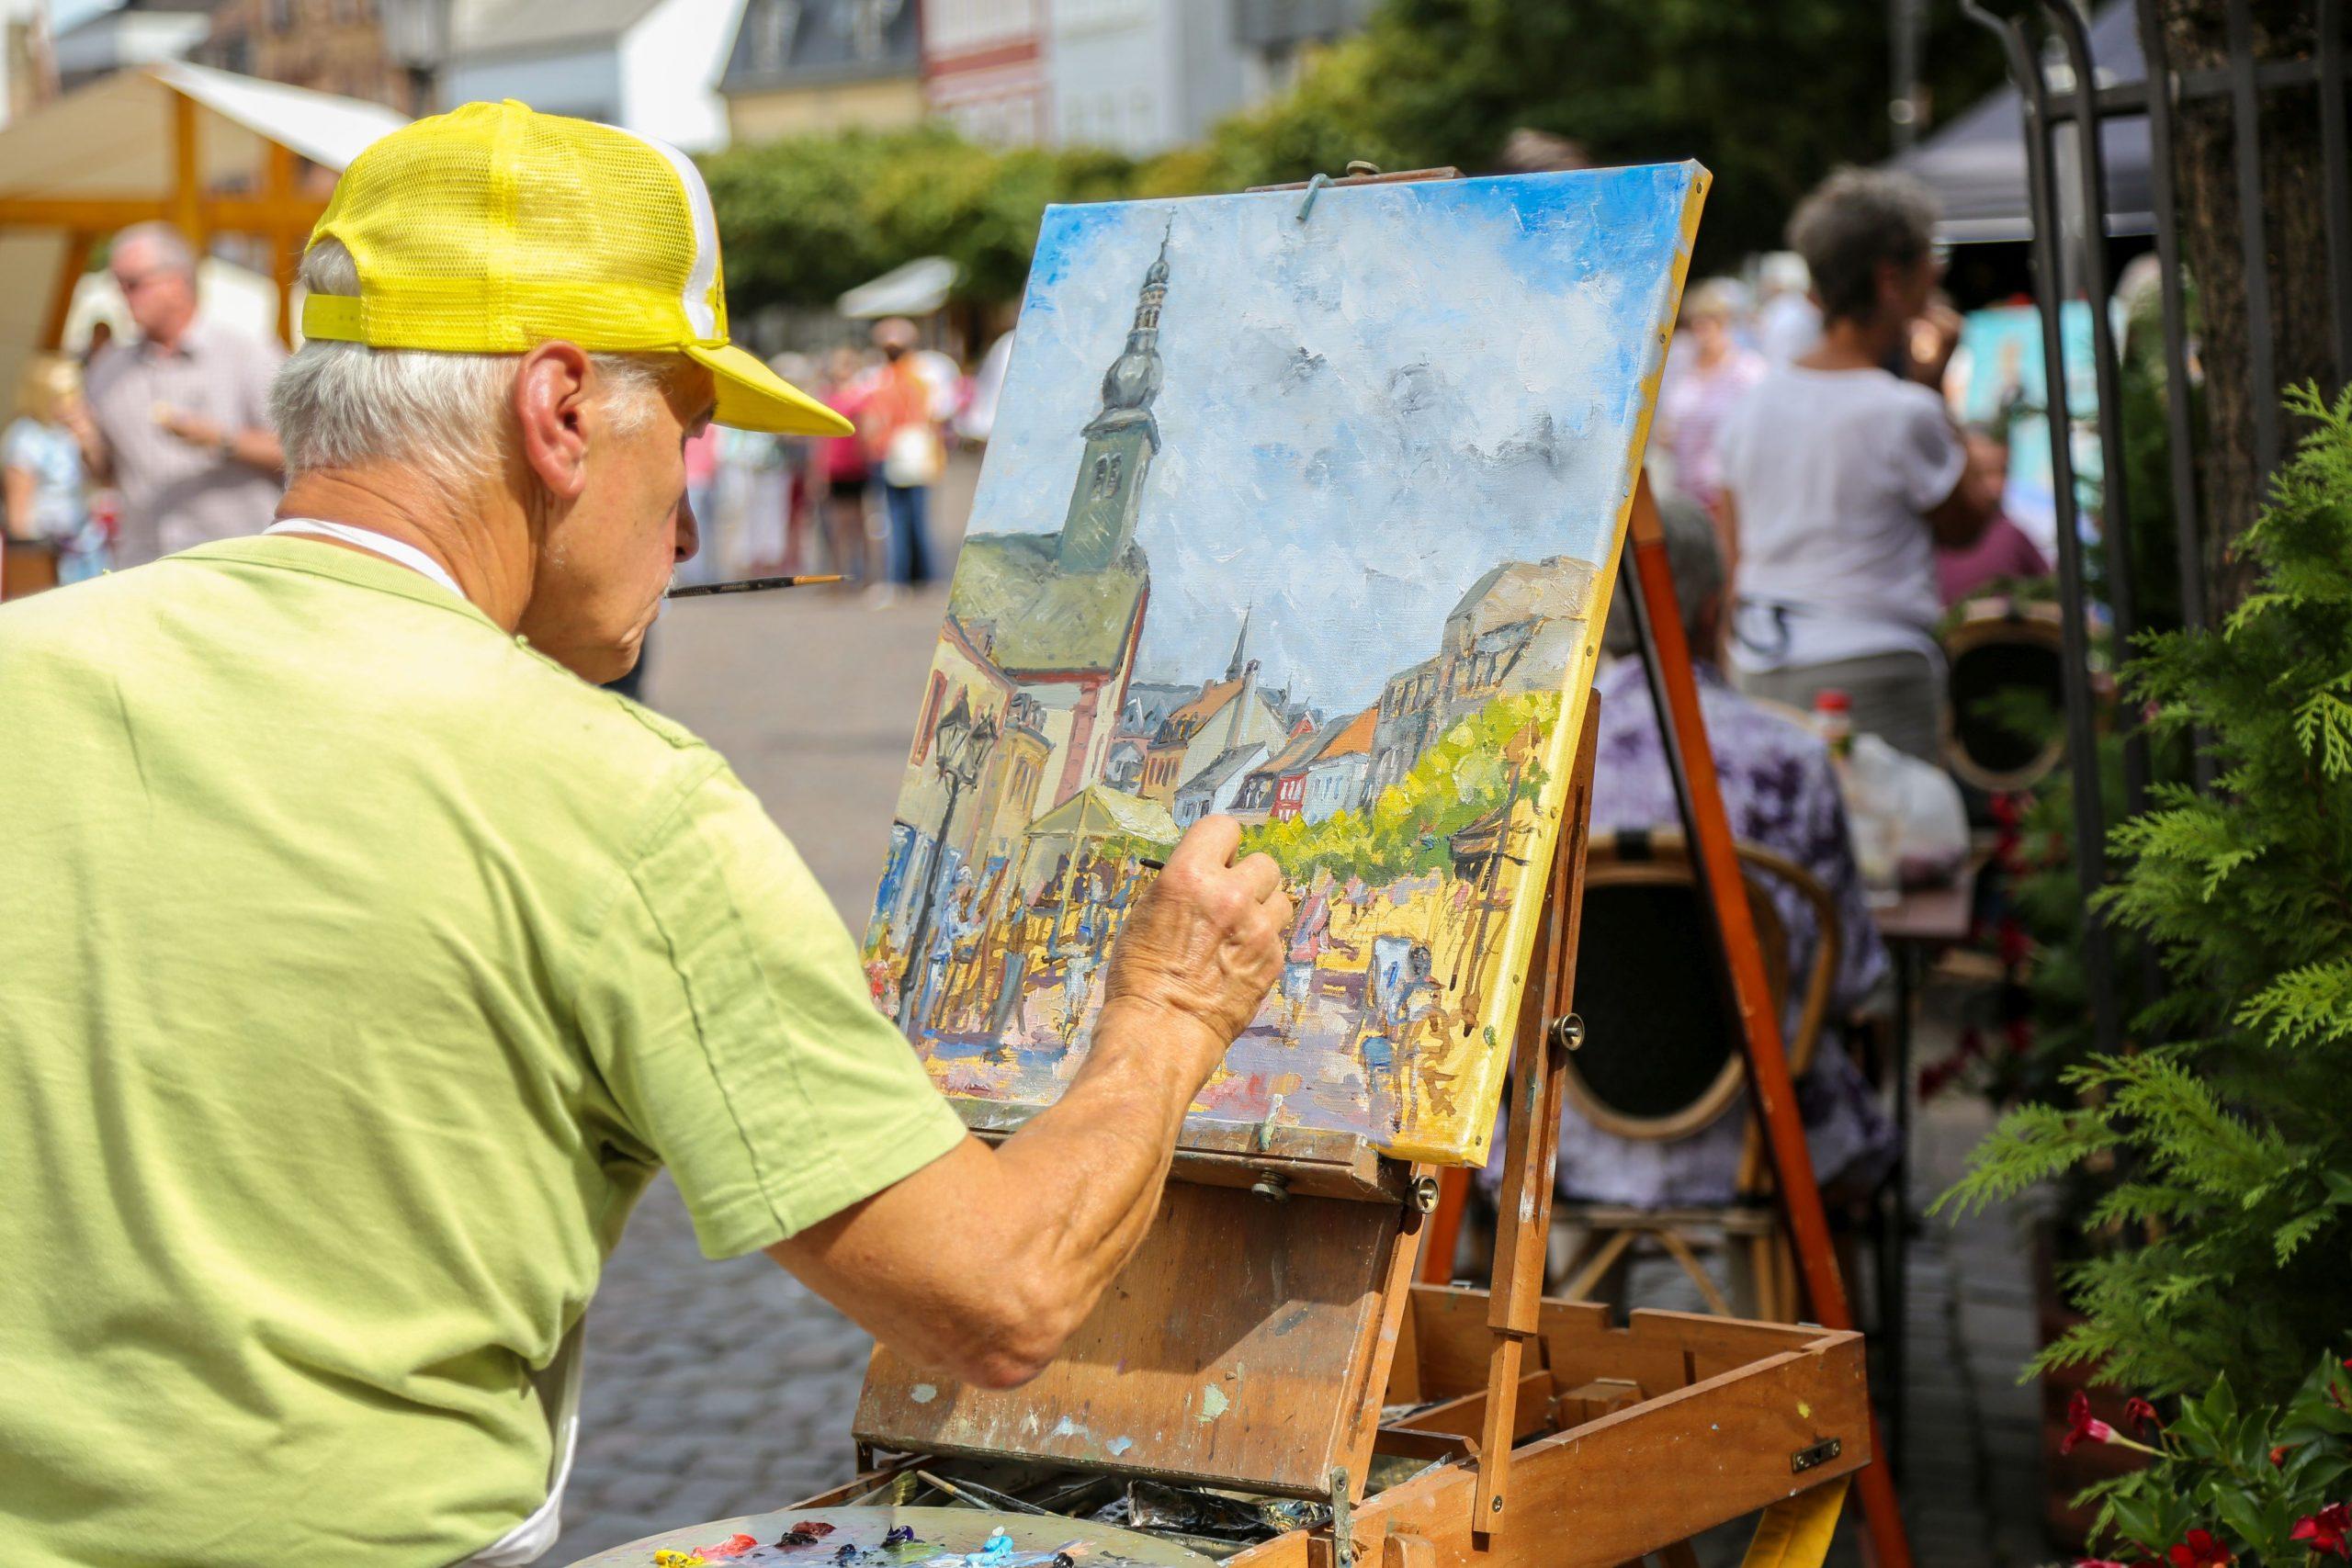 Künstler bei Weisgerbermarkt in der Innenstadt St. Ingbert